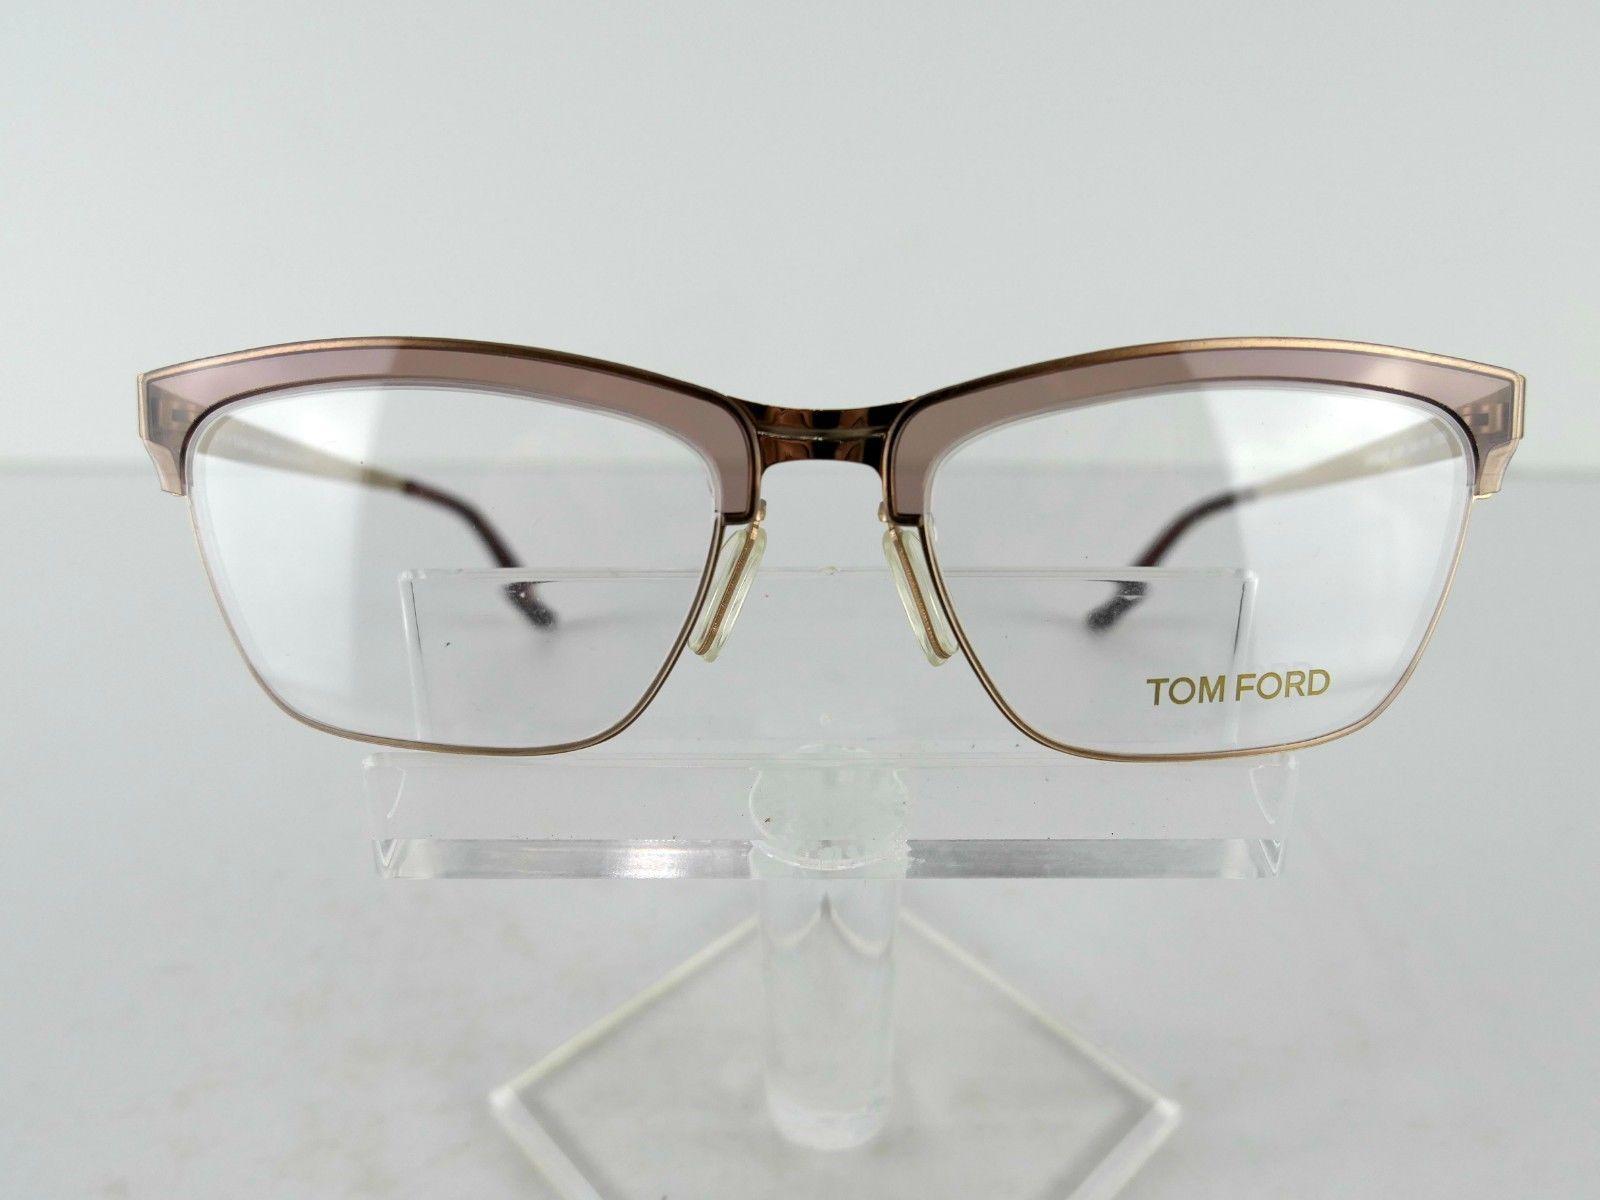 Tom Ford TF 5392 (050) Beige /Matte Gold  54 x 18 135 mm Eyeglass Frames